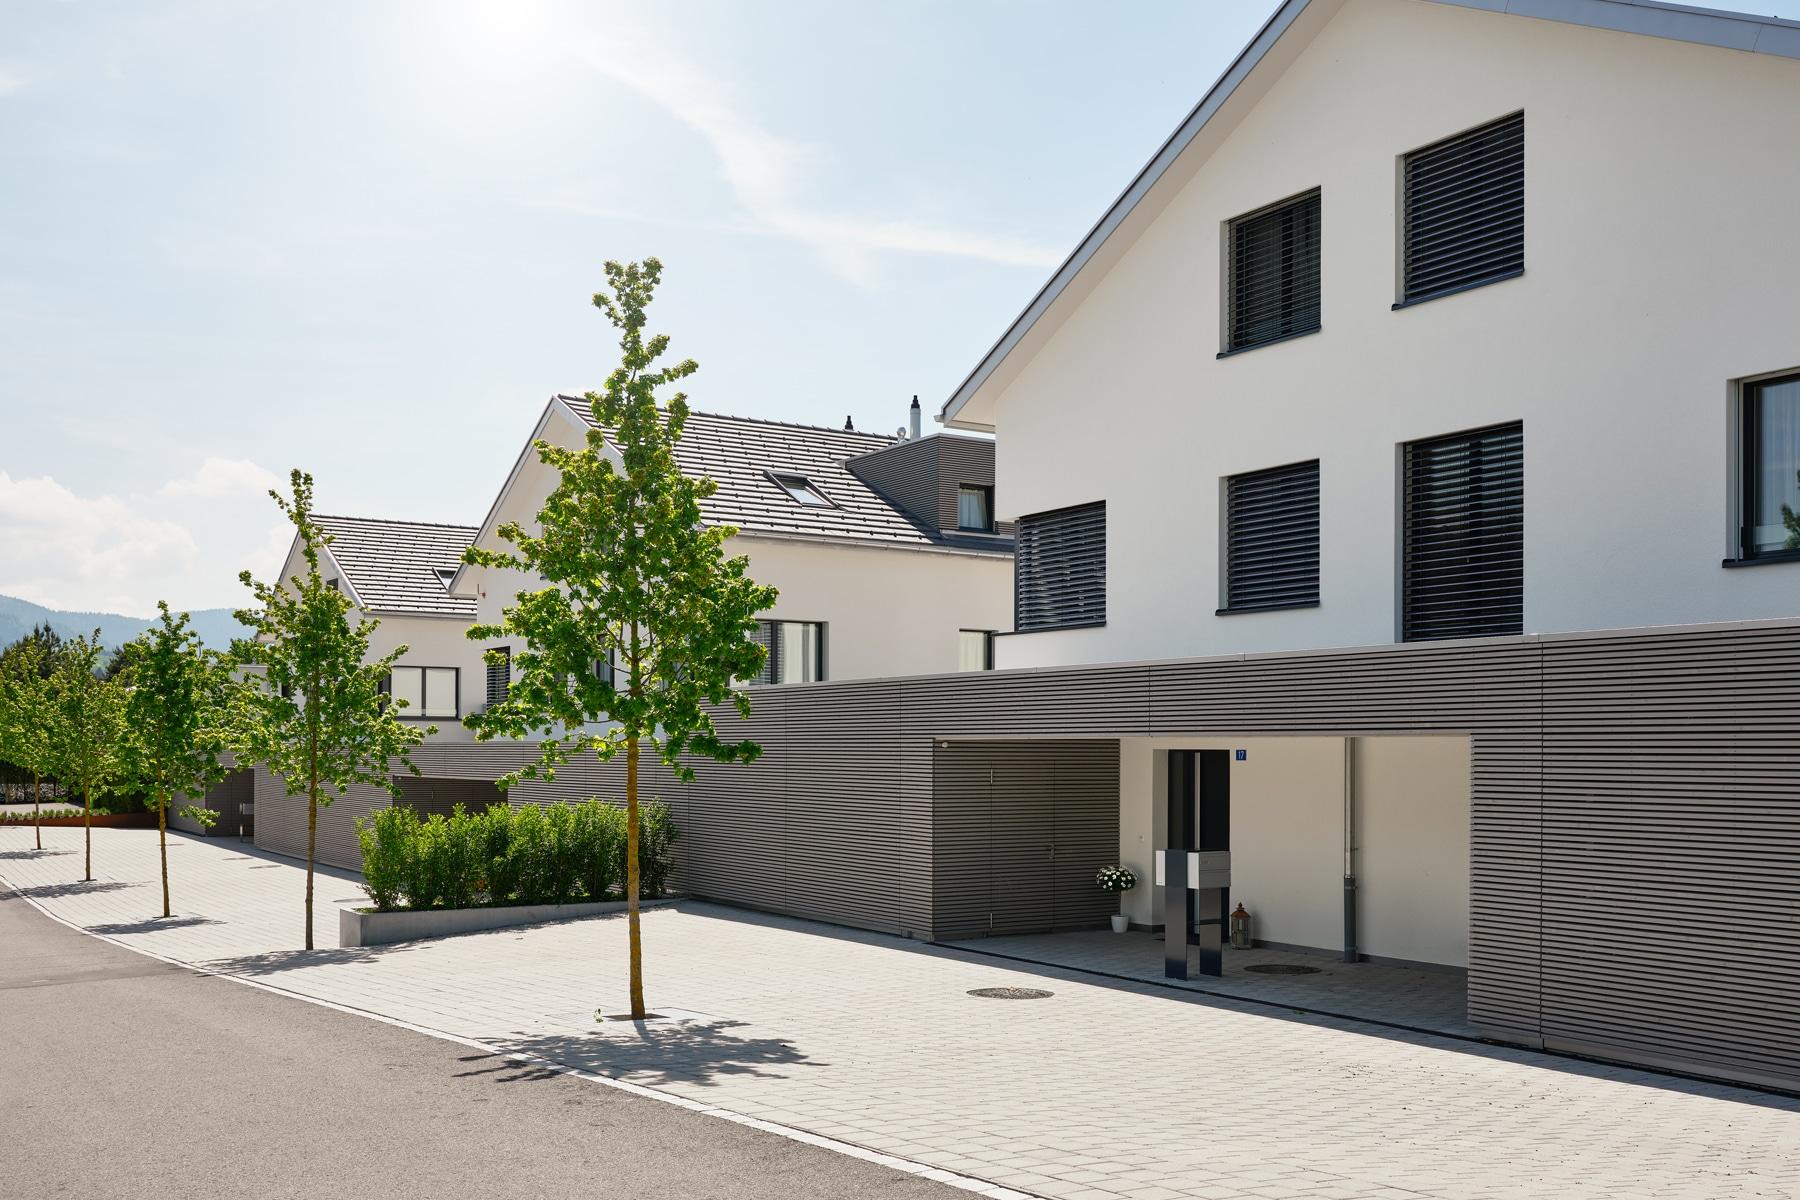 Architekturfotografie - Referenzobjekt - Richterswil - Altschloss / Mächler Generalunternehmung AG